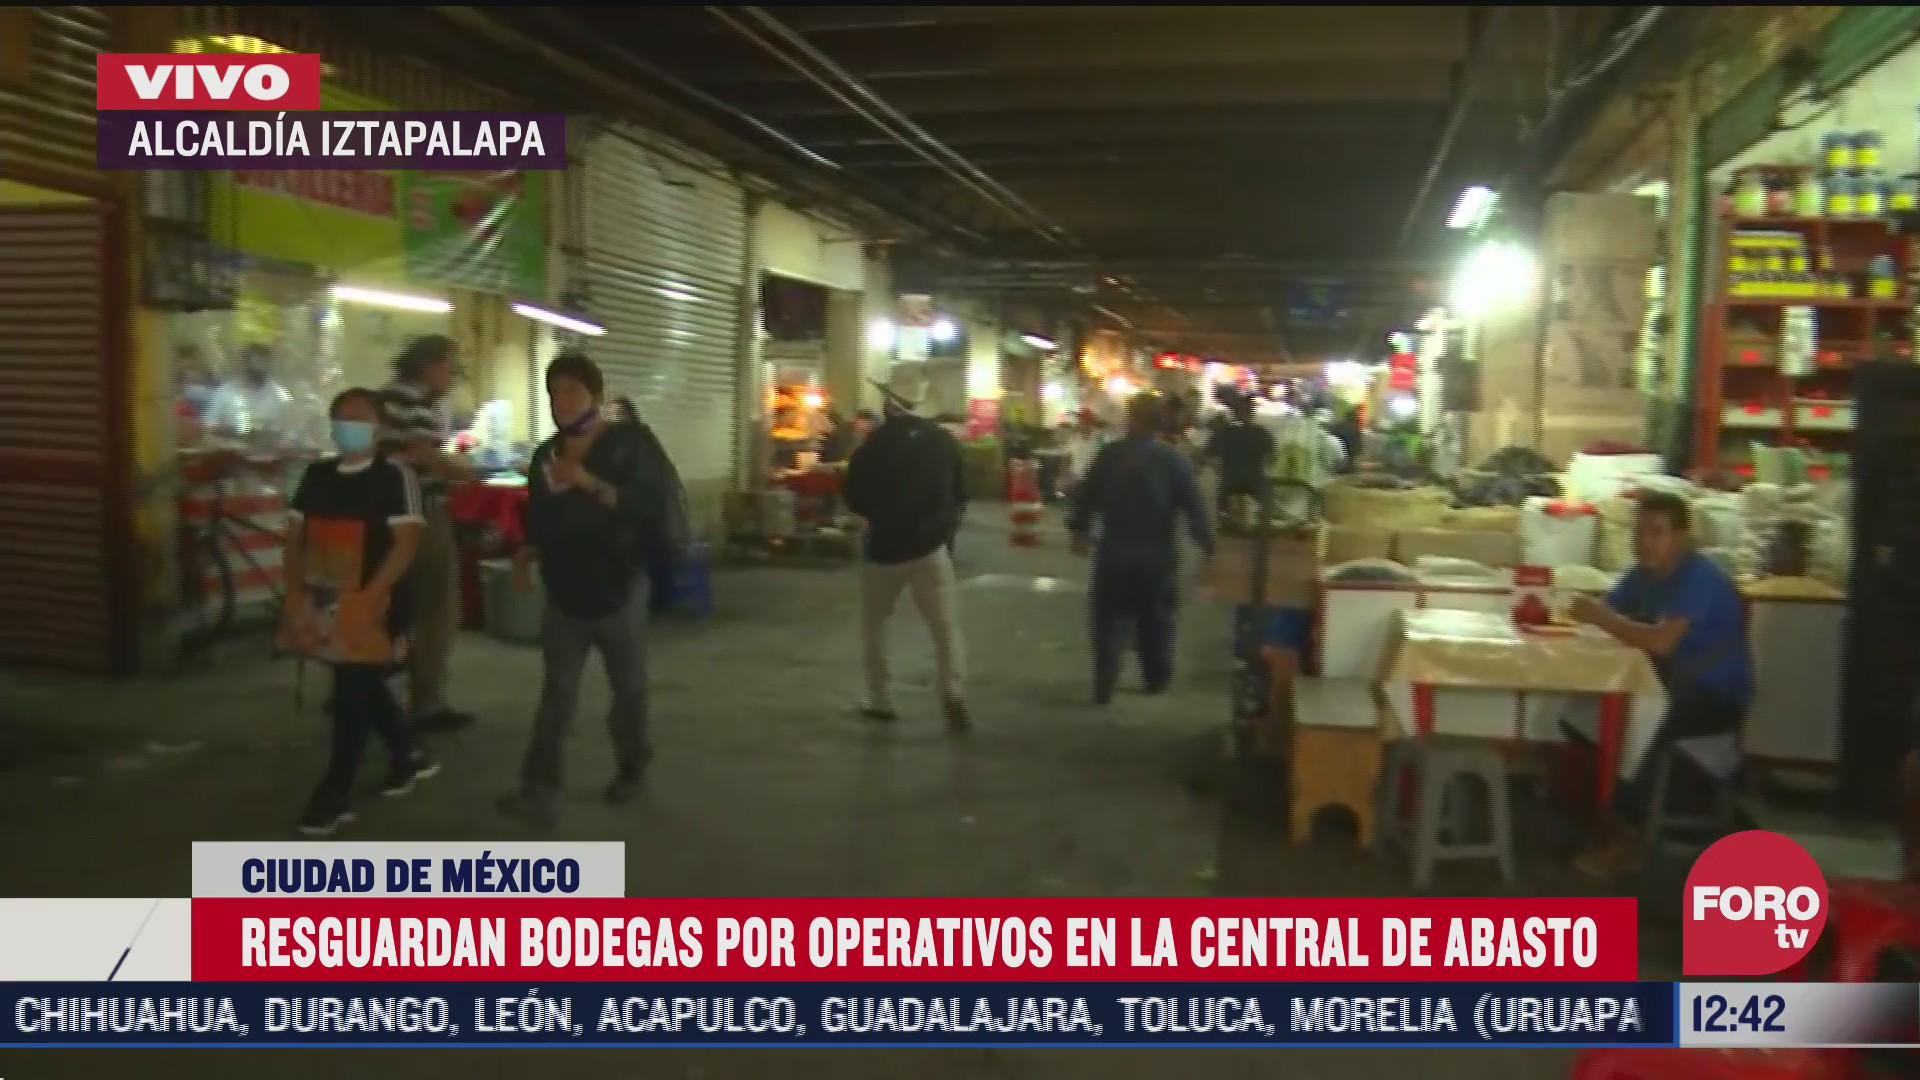 resguardan bodegas por operativos en le central de abasto